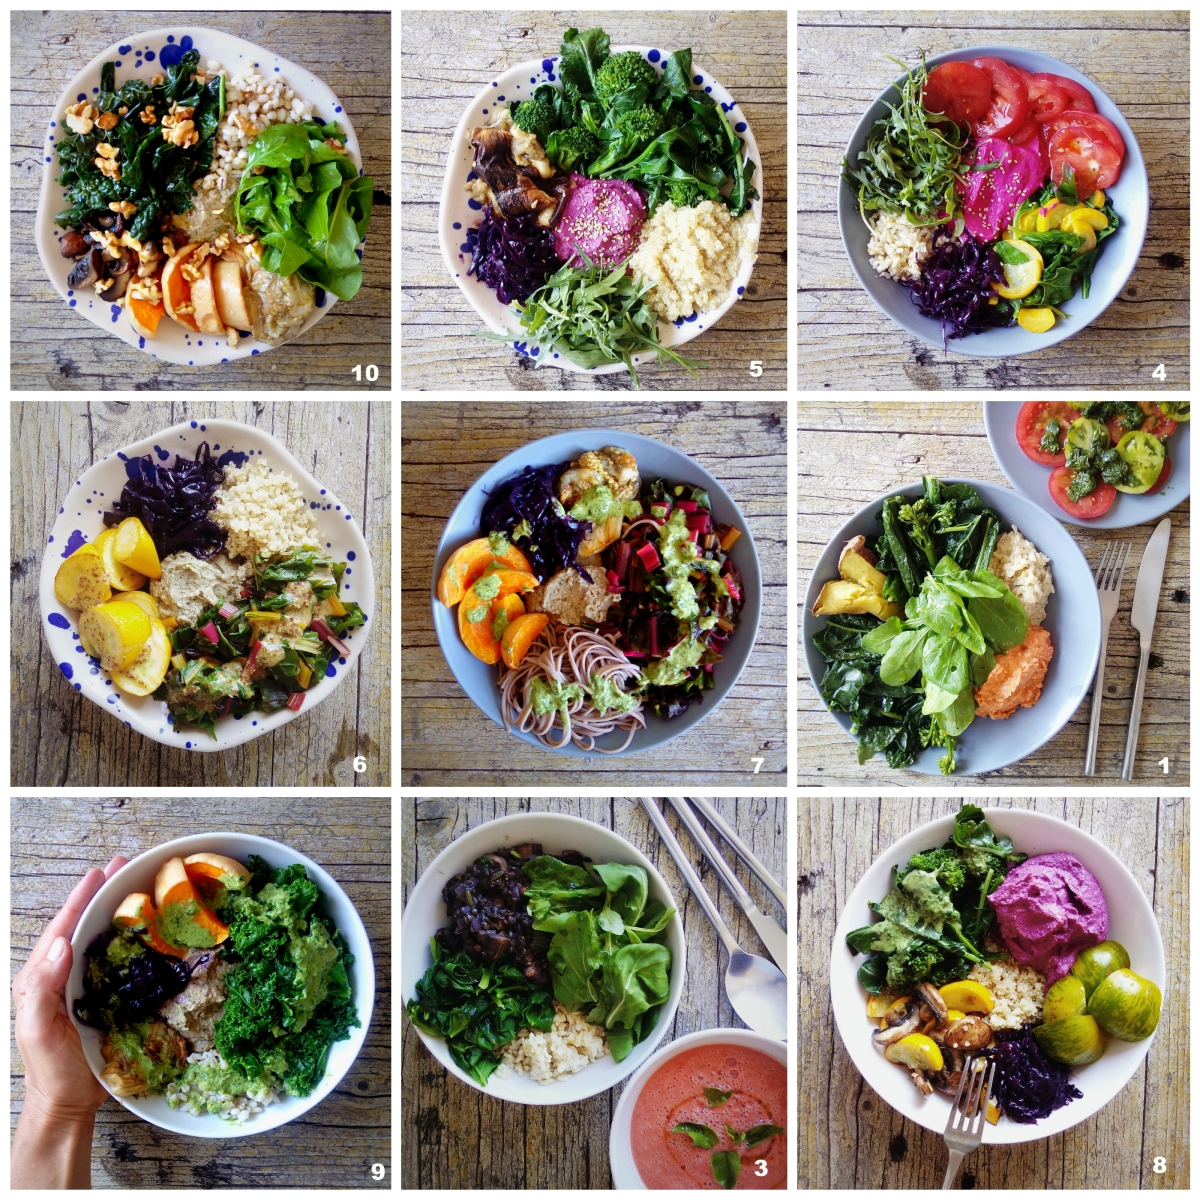 Tigela da abundância: dicas para refeições saudáveis, completas e práticas / Abundance bowls: tips for healthy, complete and easy meals